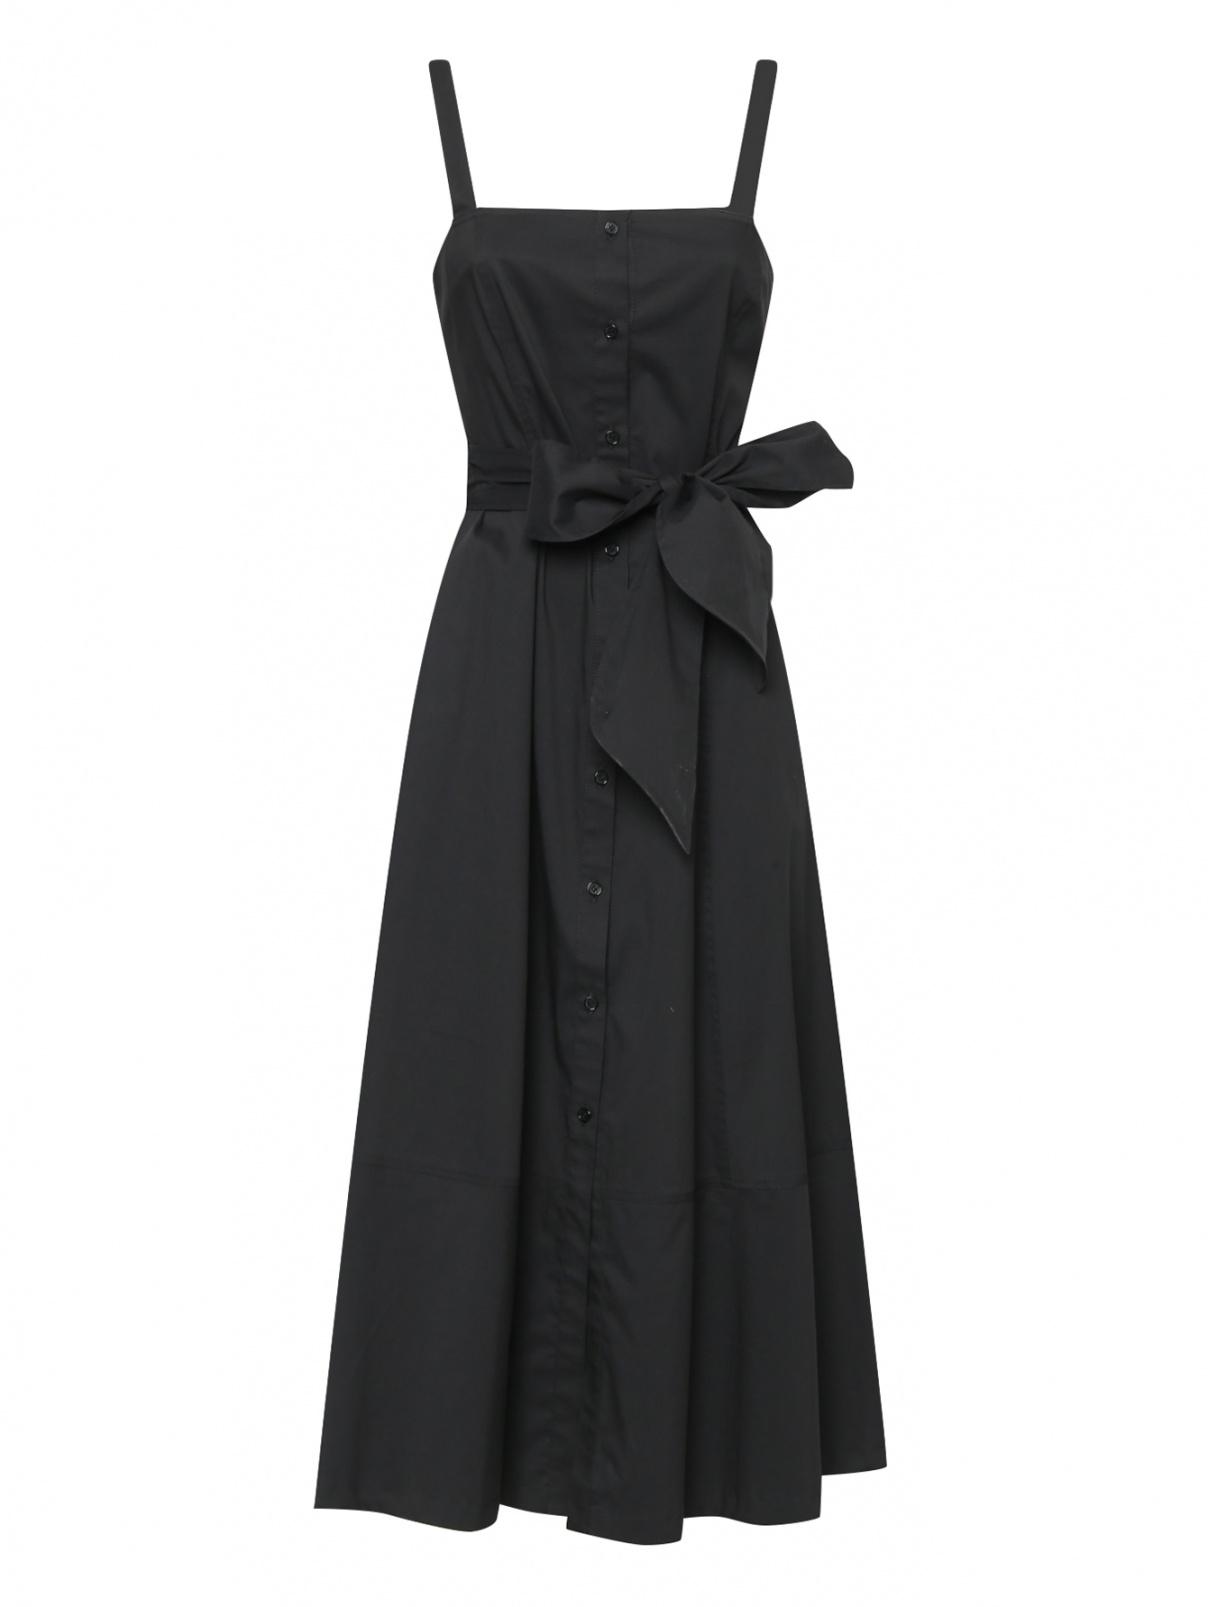 Платье из хлопка без рукавов Ли-Лу шоп  –  Общий вид